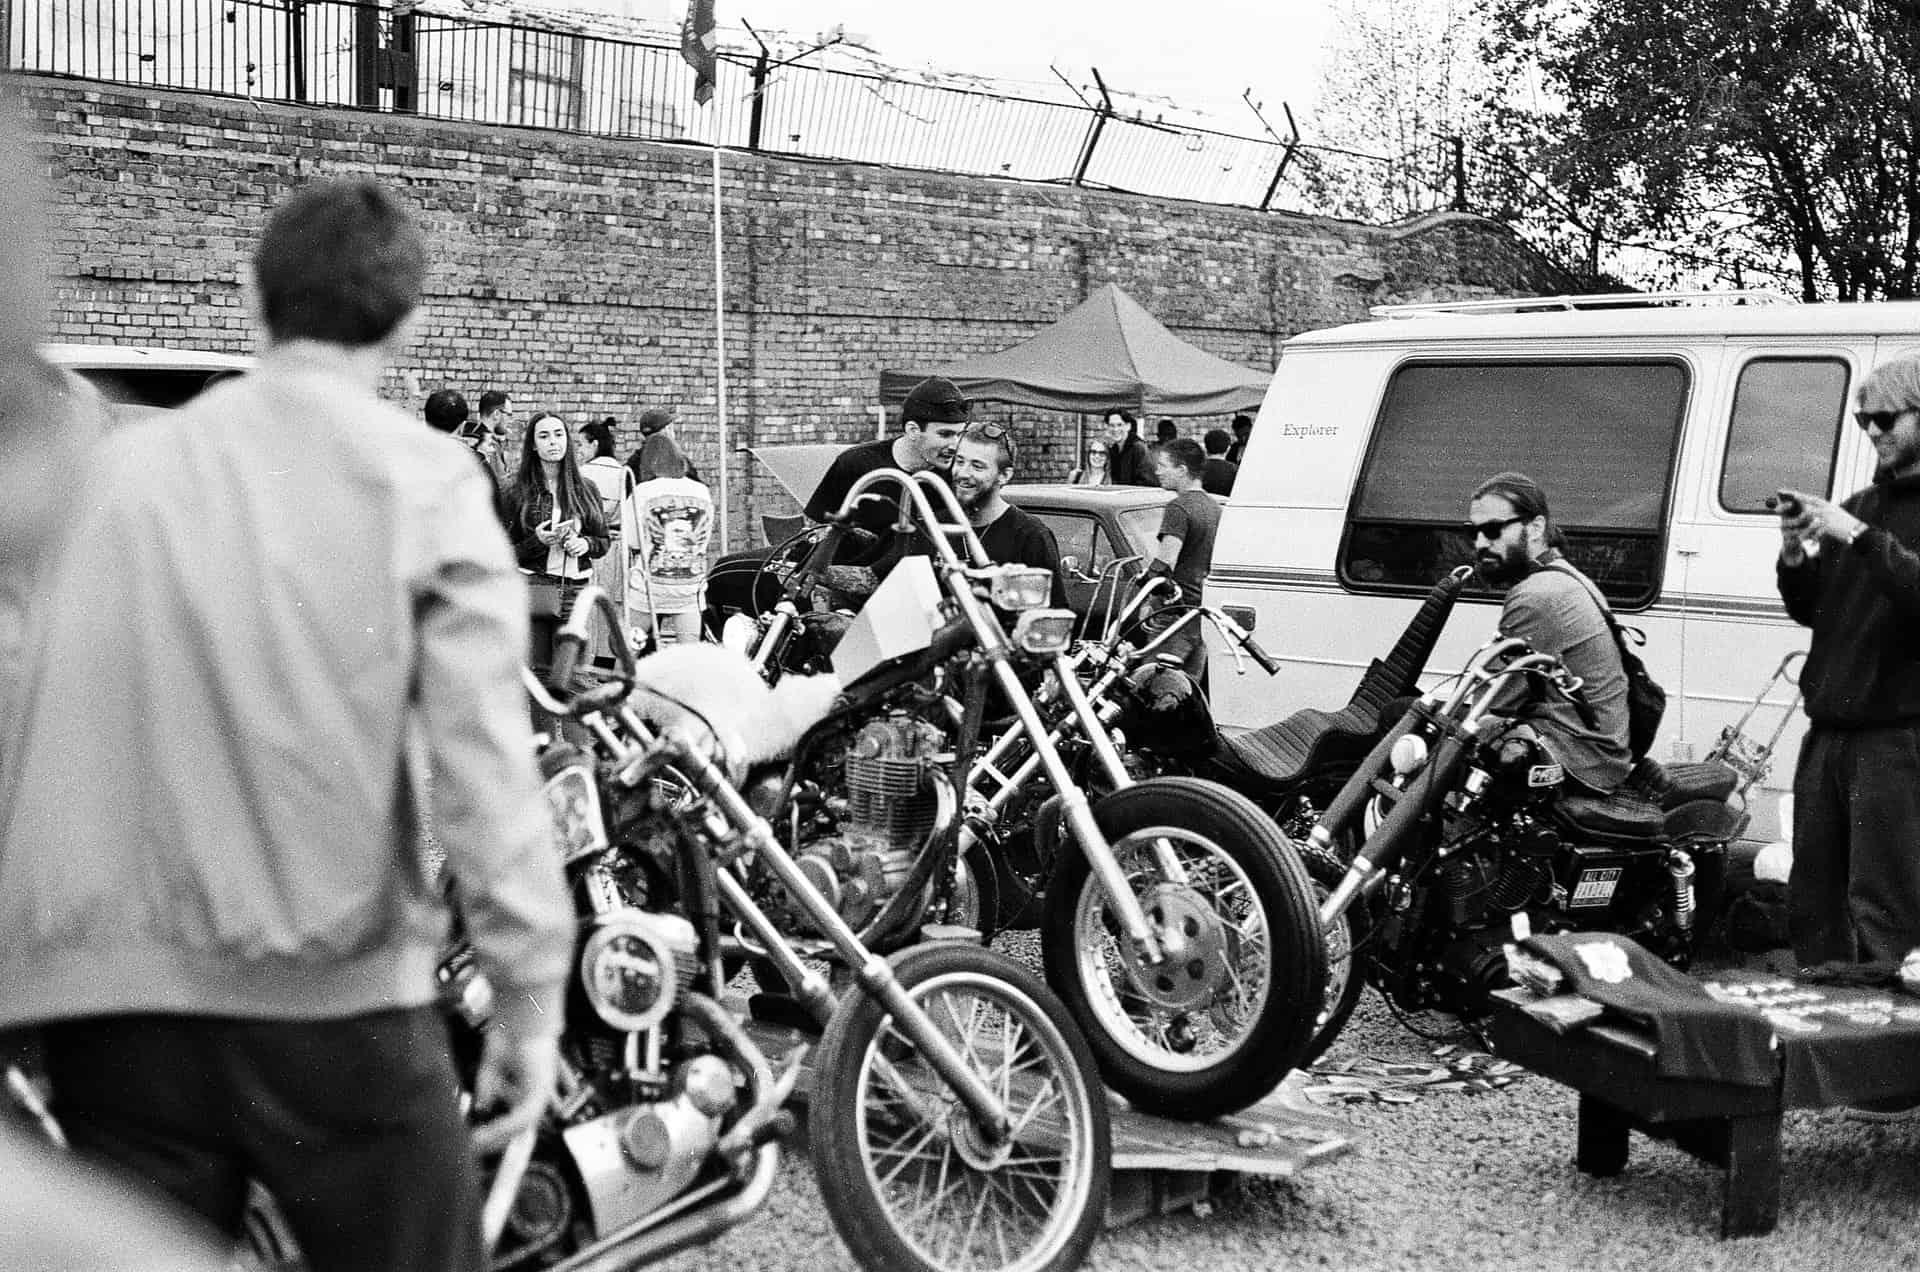 monochrome bikers club